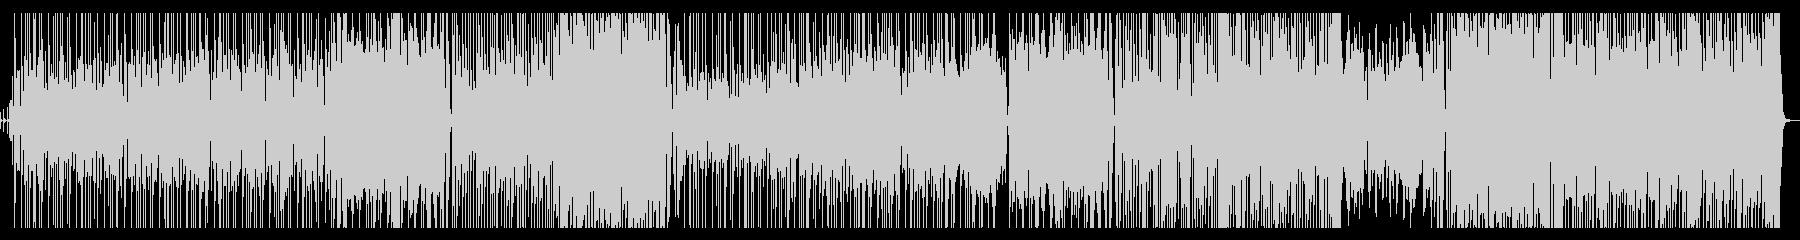 ジャジーに「足音」を表現したGtインストの未再生の波形